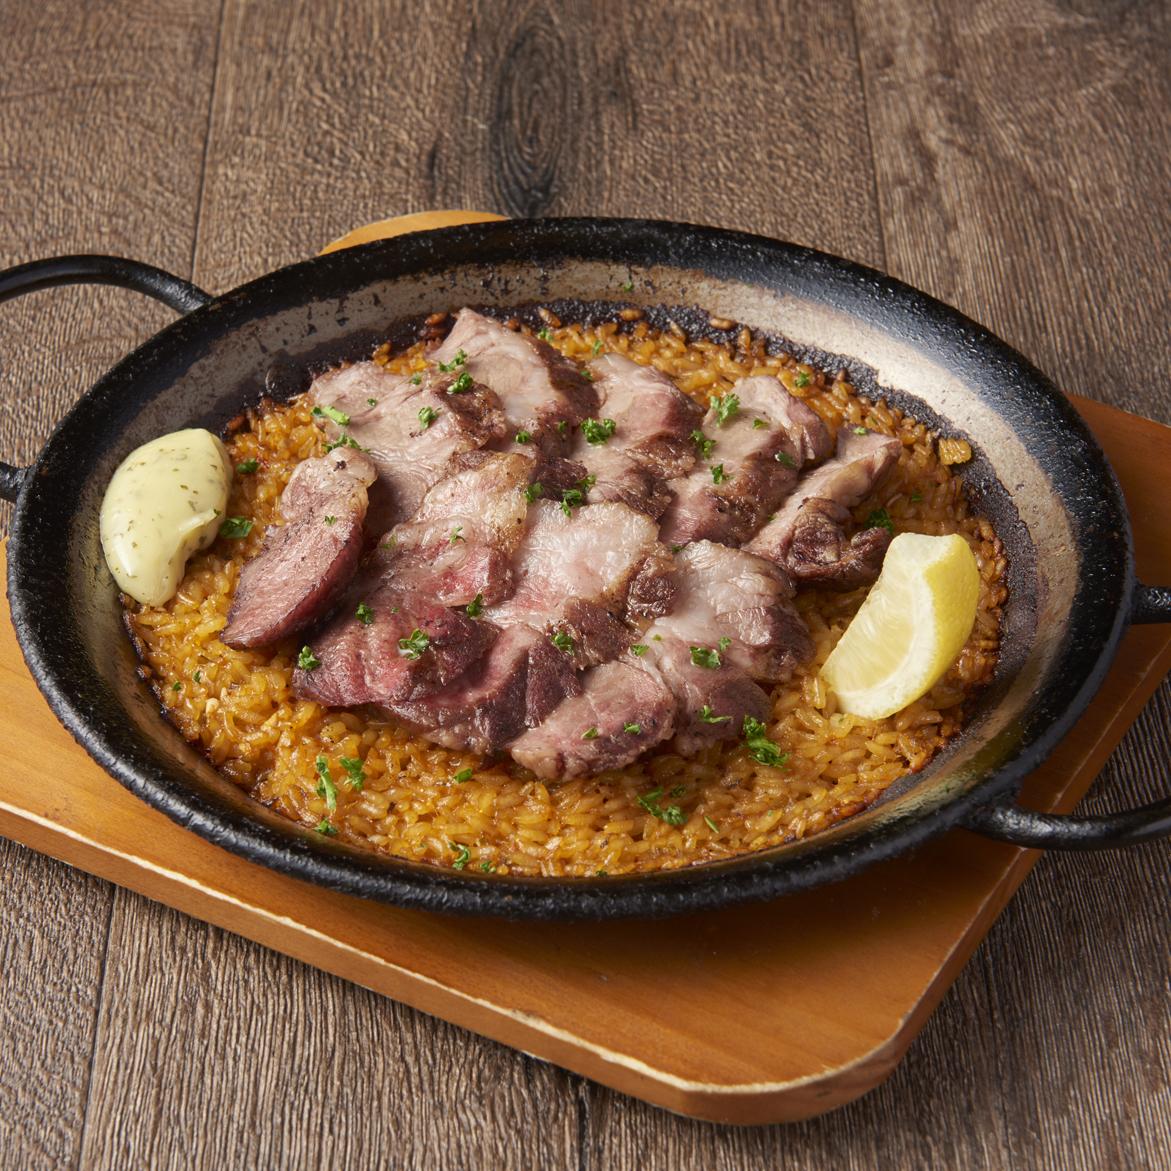 伊比利亚猪肉菜饭